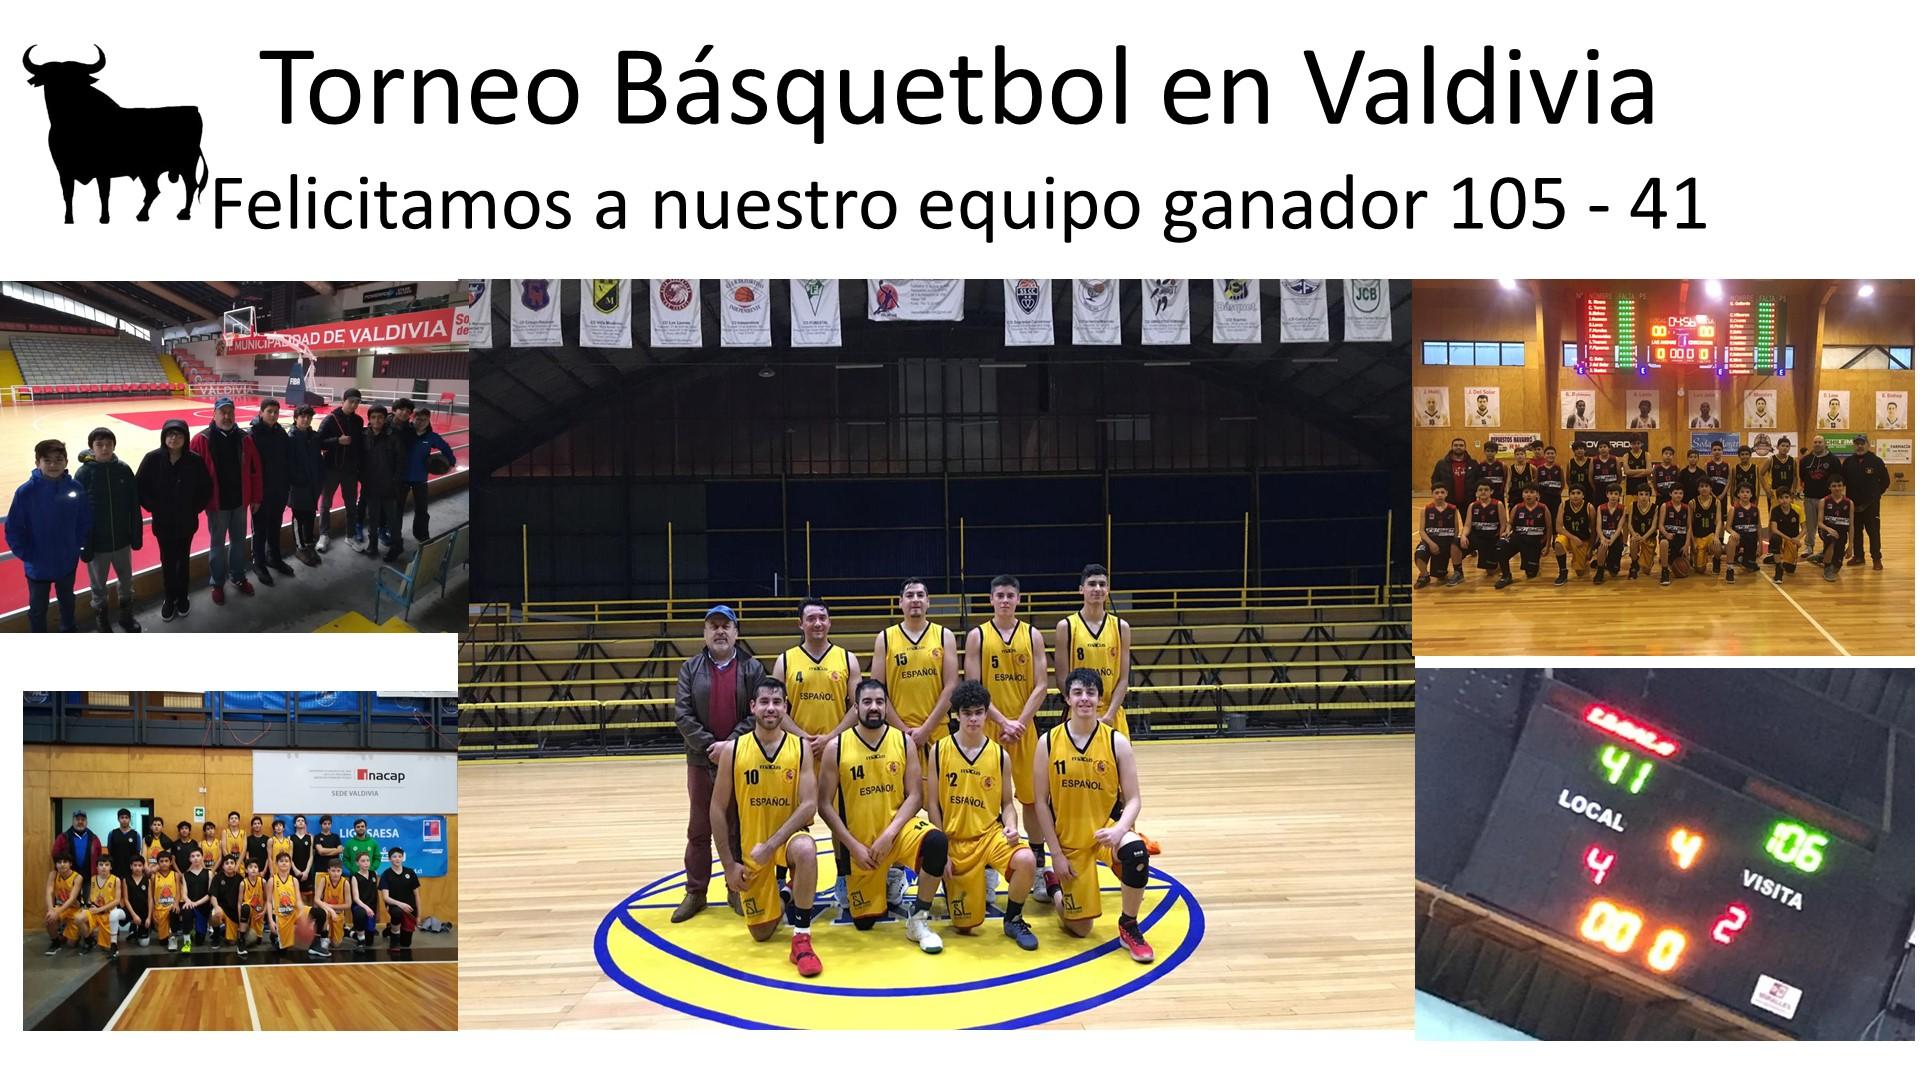 basquetbol julio 2019